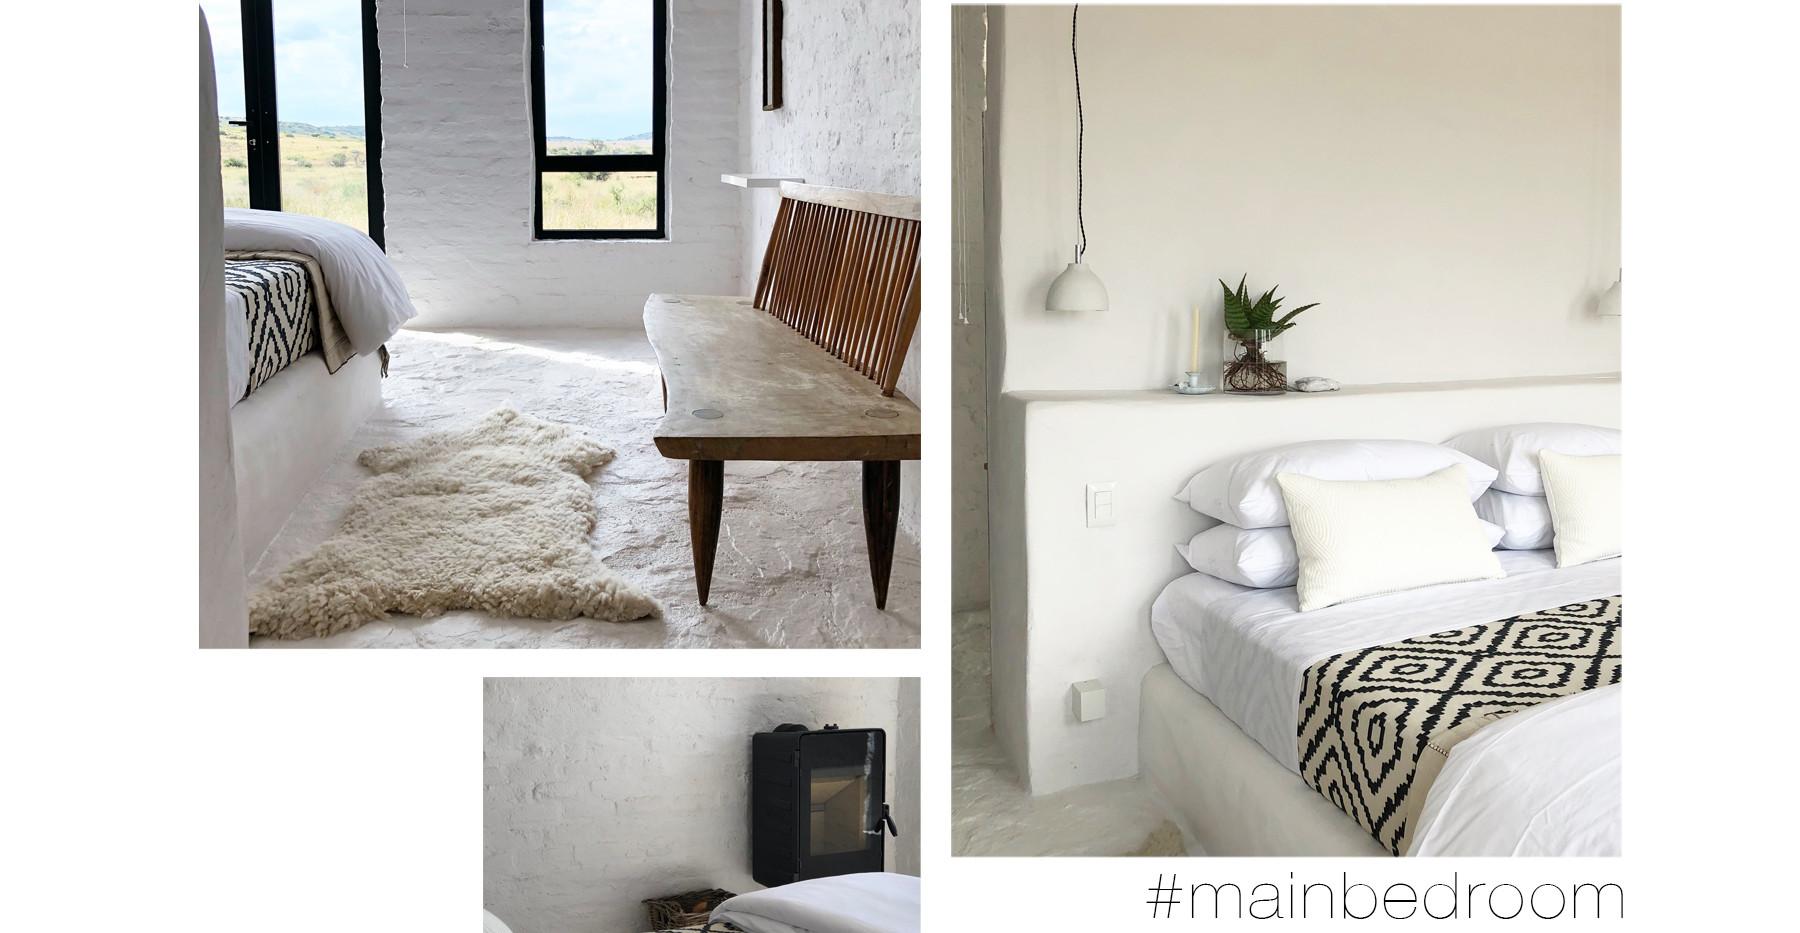 mainbedroom.jpg